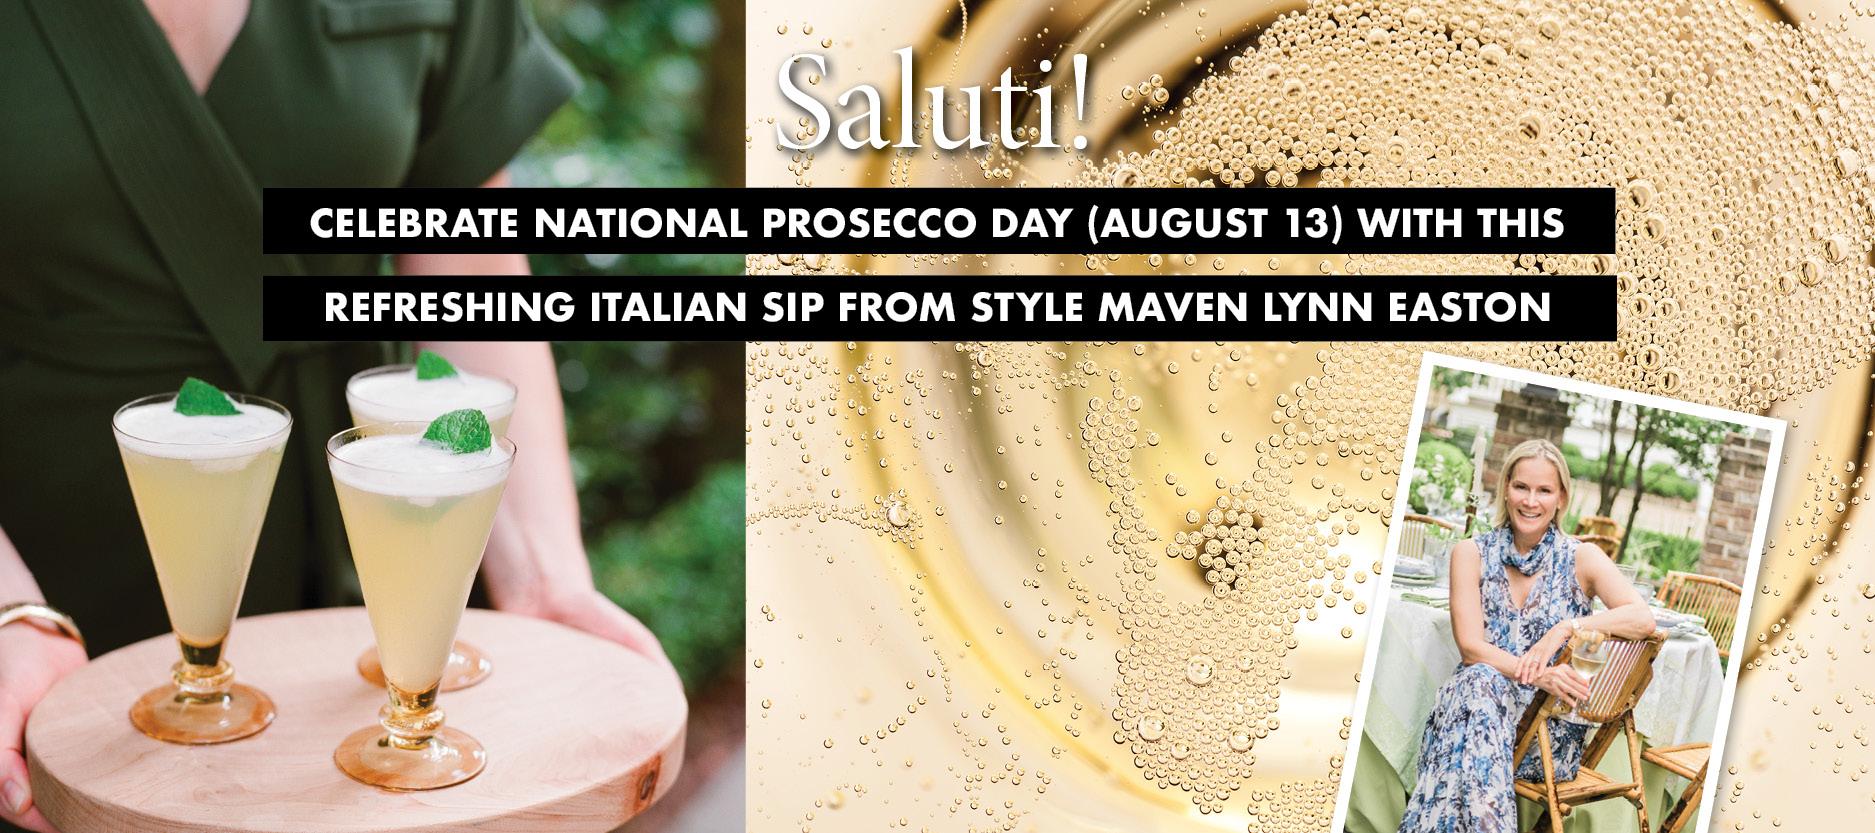 Prosecco - National Prosecco Day